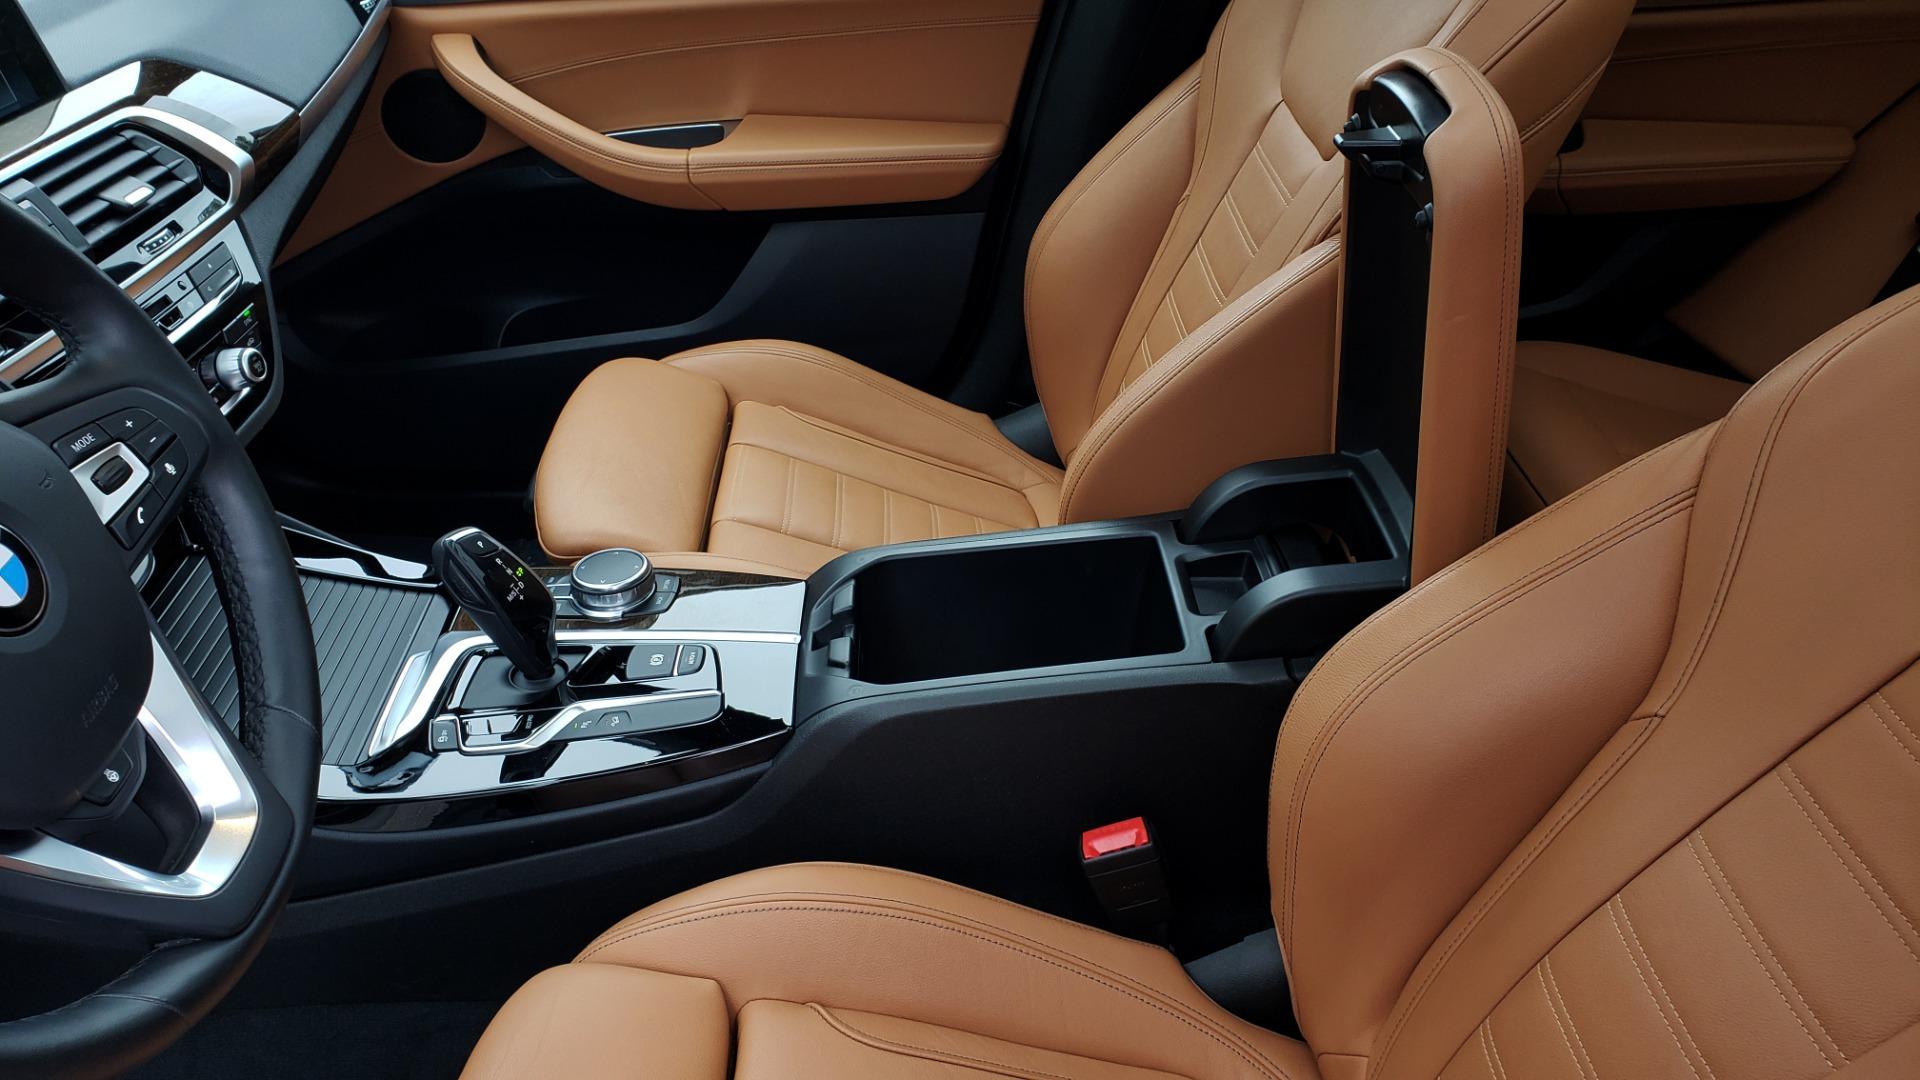 Used 2018 BMW X3 XDRIVE30I / LUX PKG / PREM PKG / CONV PKG / PDC / APPLE CARPLAY for sale Sold at Formula Imports in Charlotte NC 28227 59